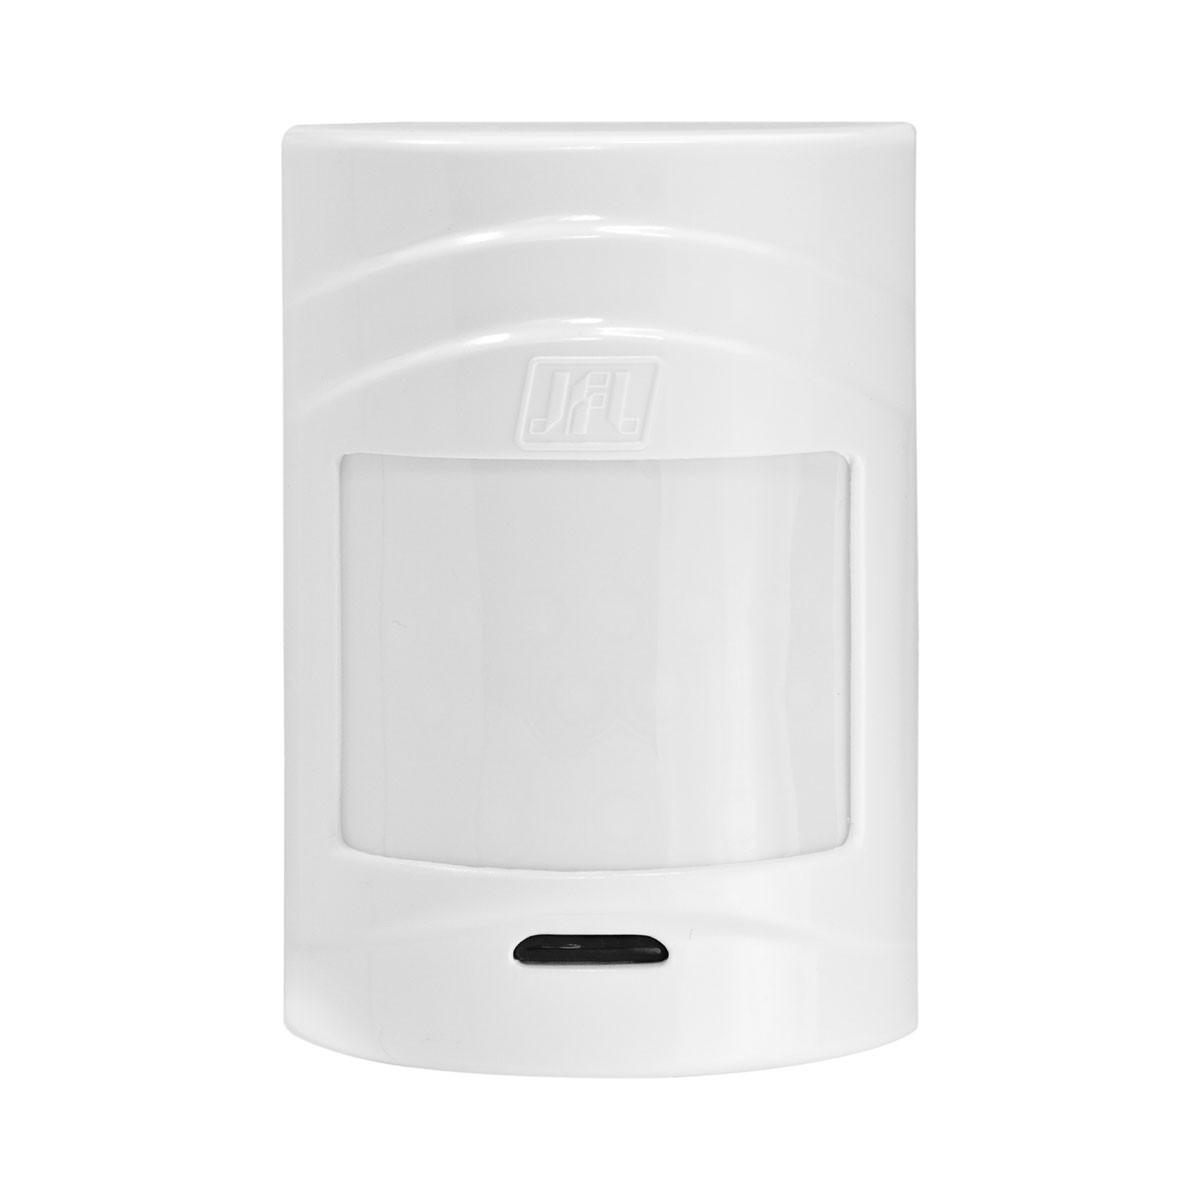 Kit Alarme Monitorado Active 20 Ethernet Com Sensores Sem Fio IrPet 530 Sf Jfl